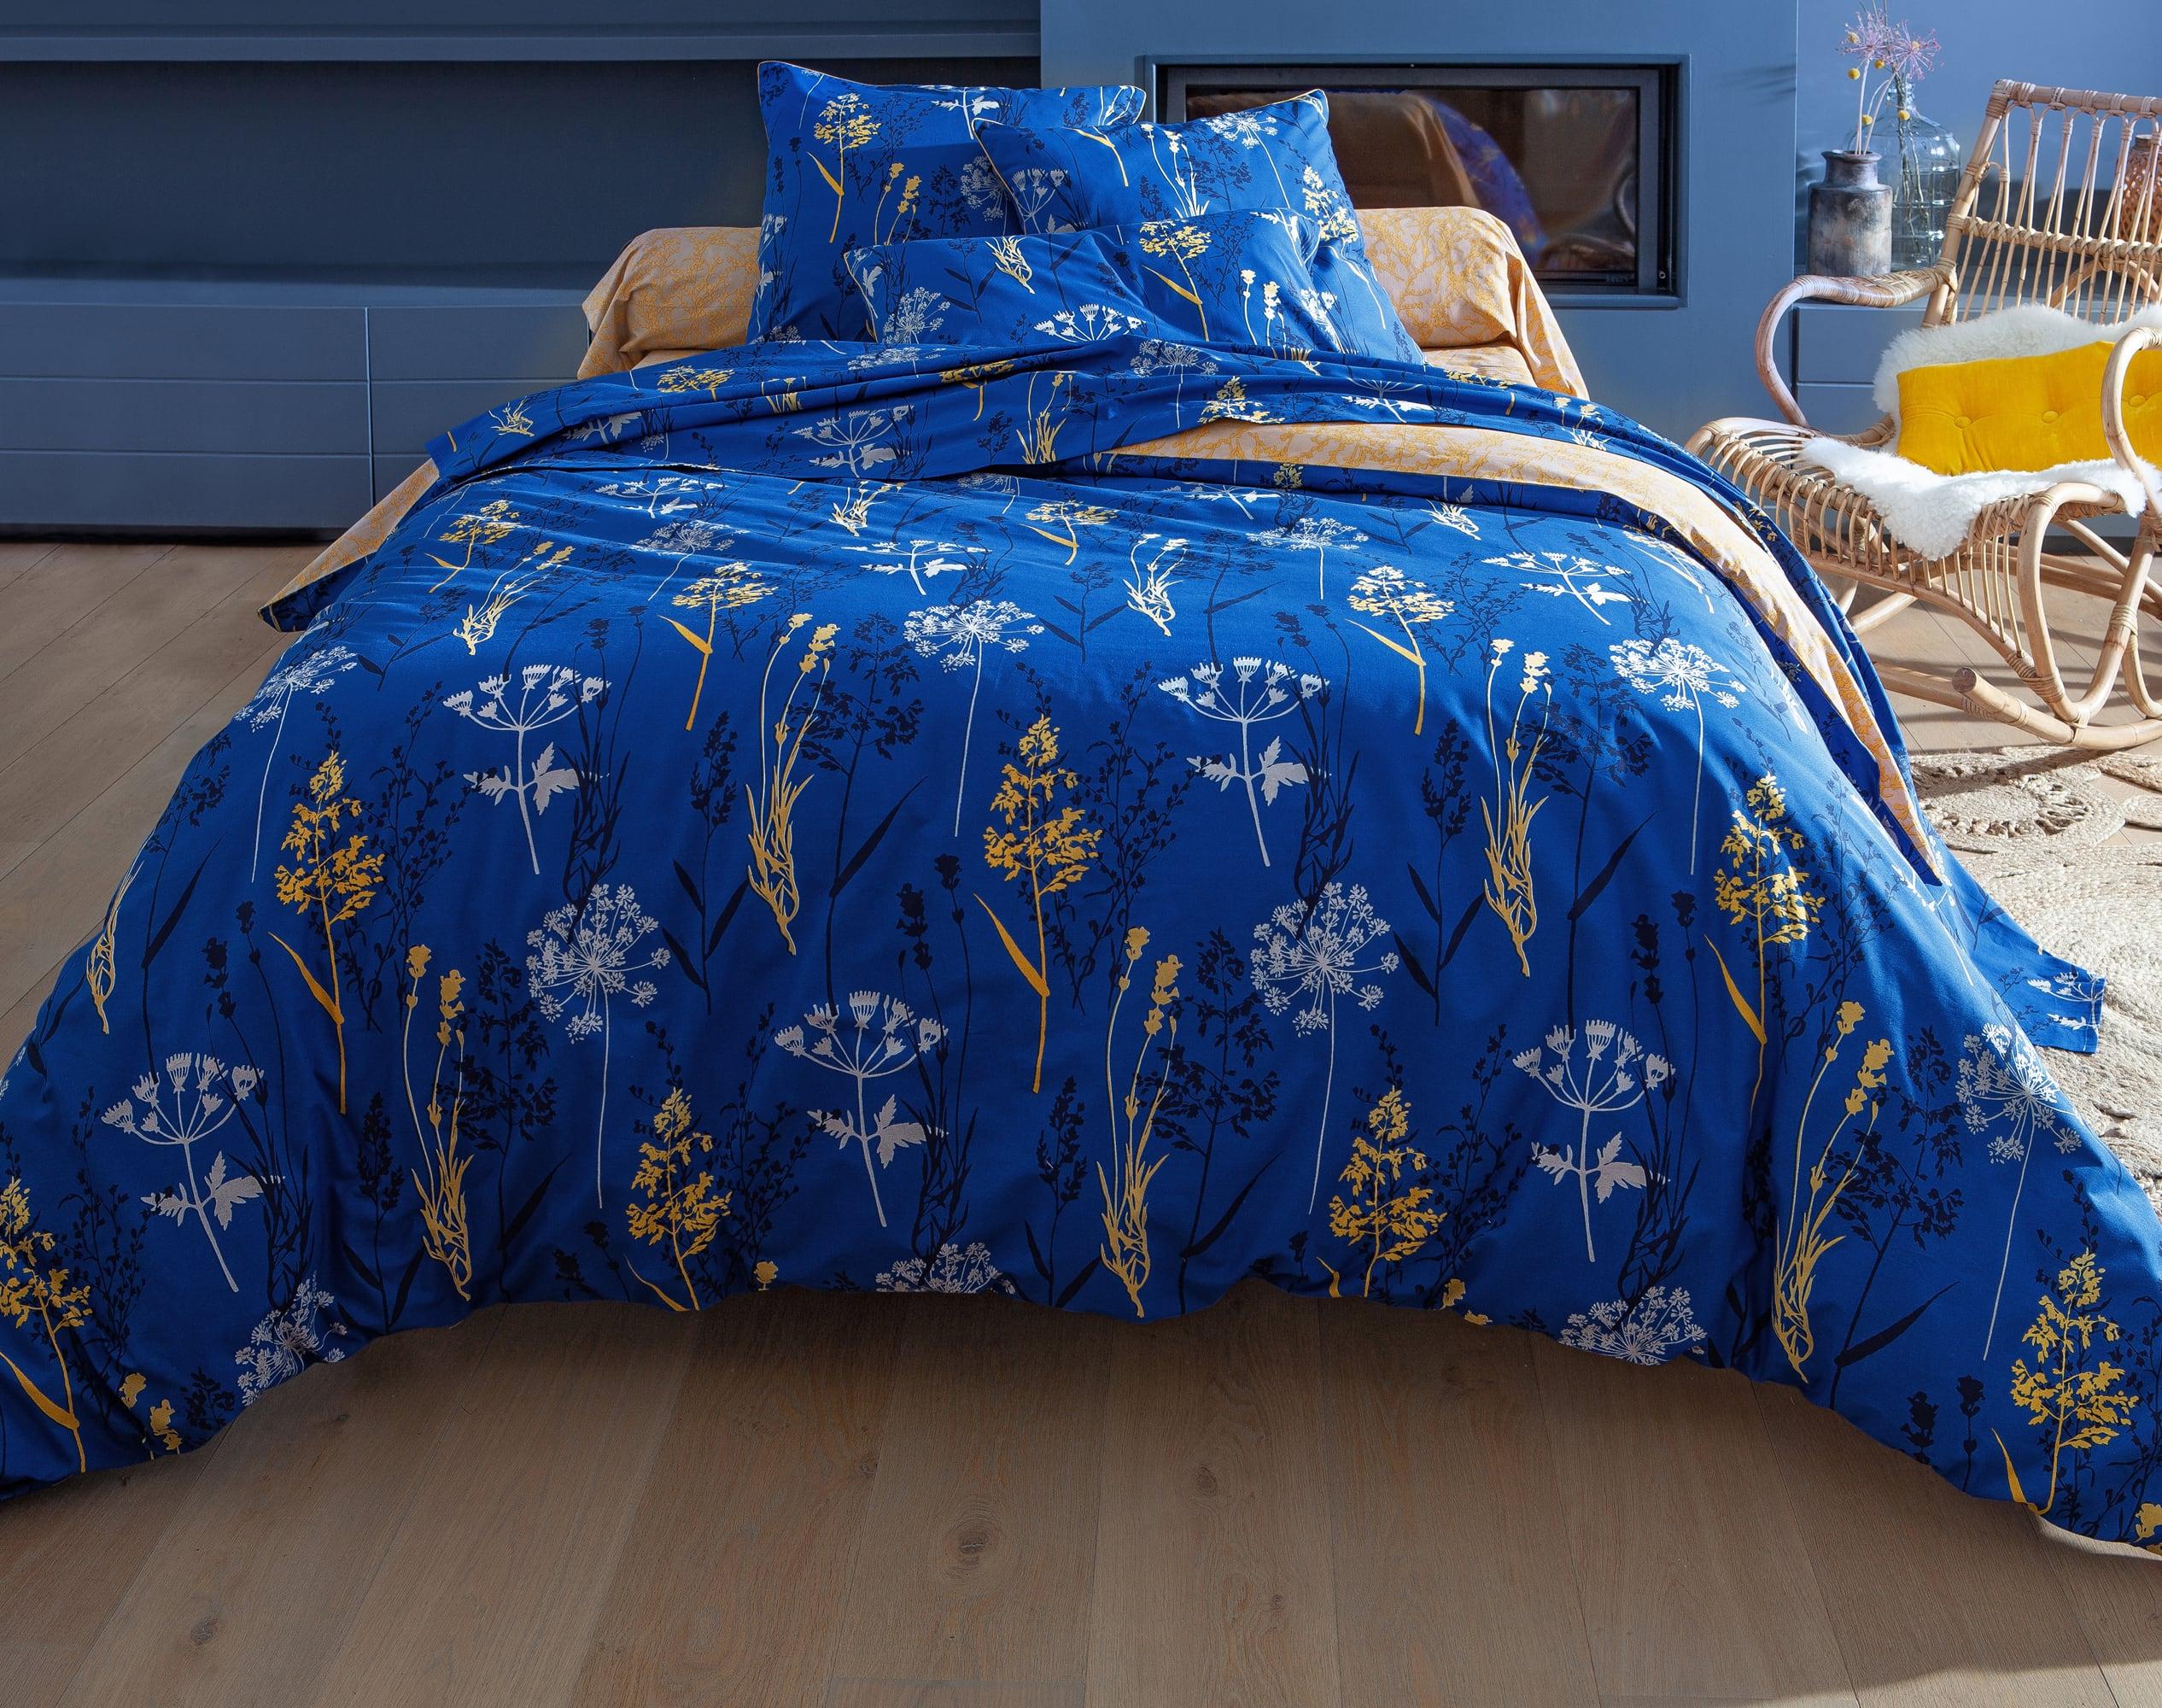 Housse de couette 140x200 en coton bleu